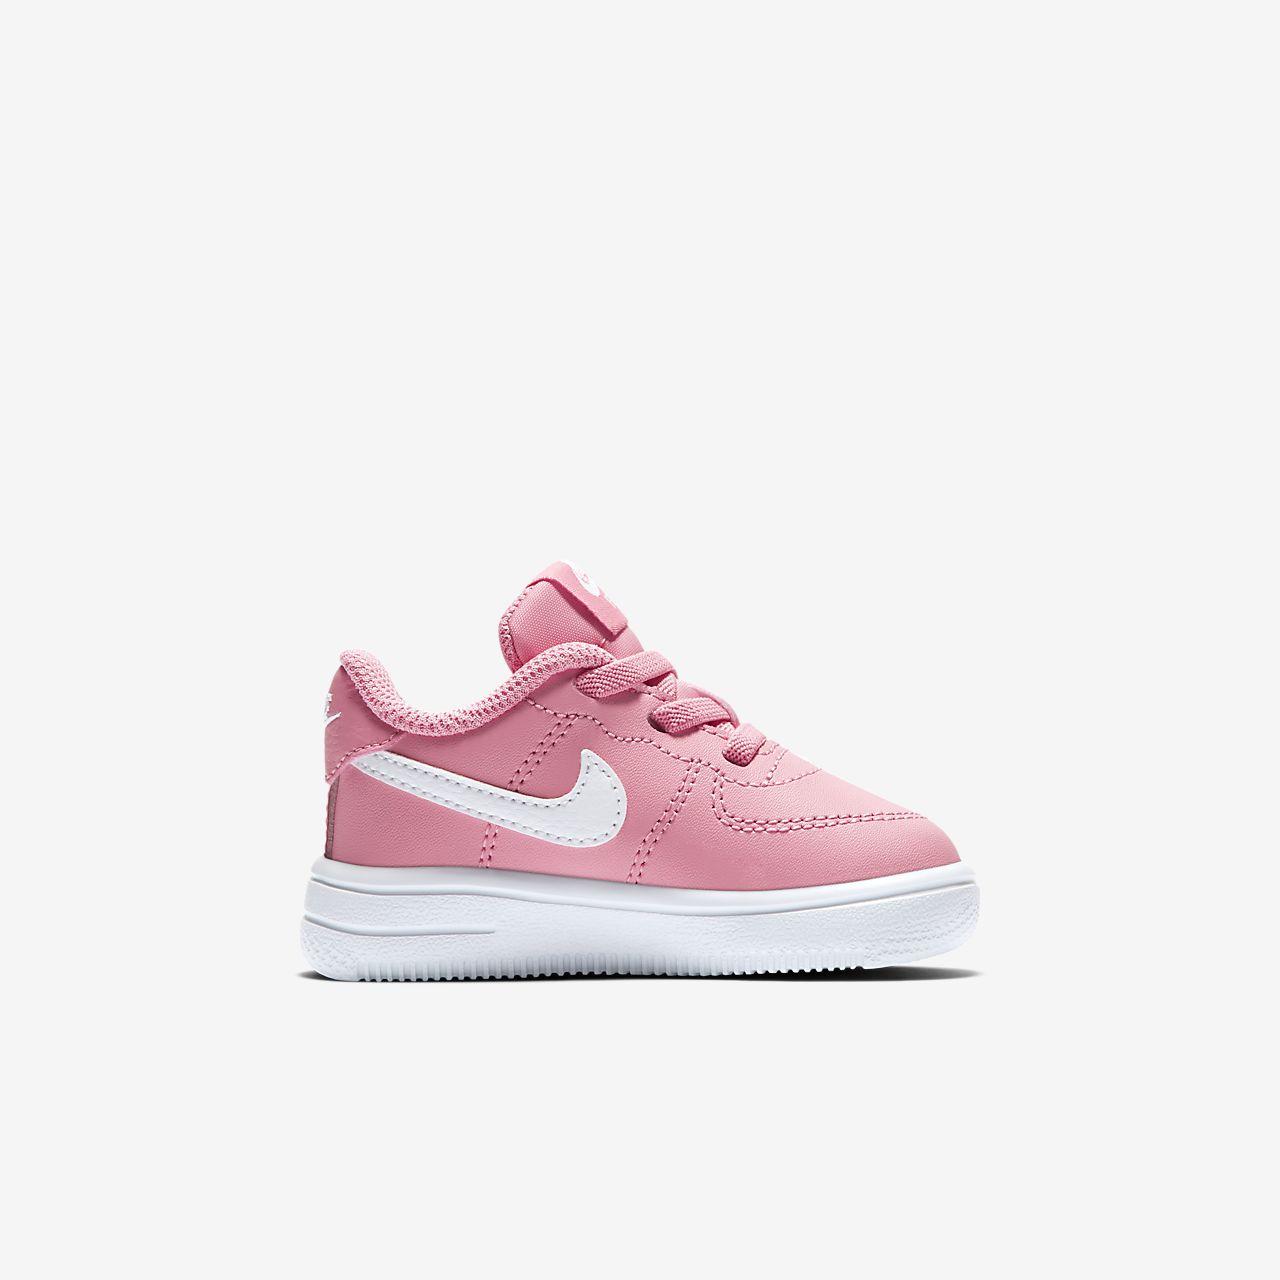 ... Nike Air Force 1 Toddler Shoe